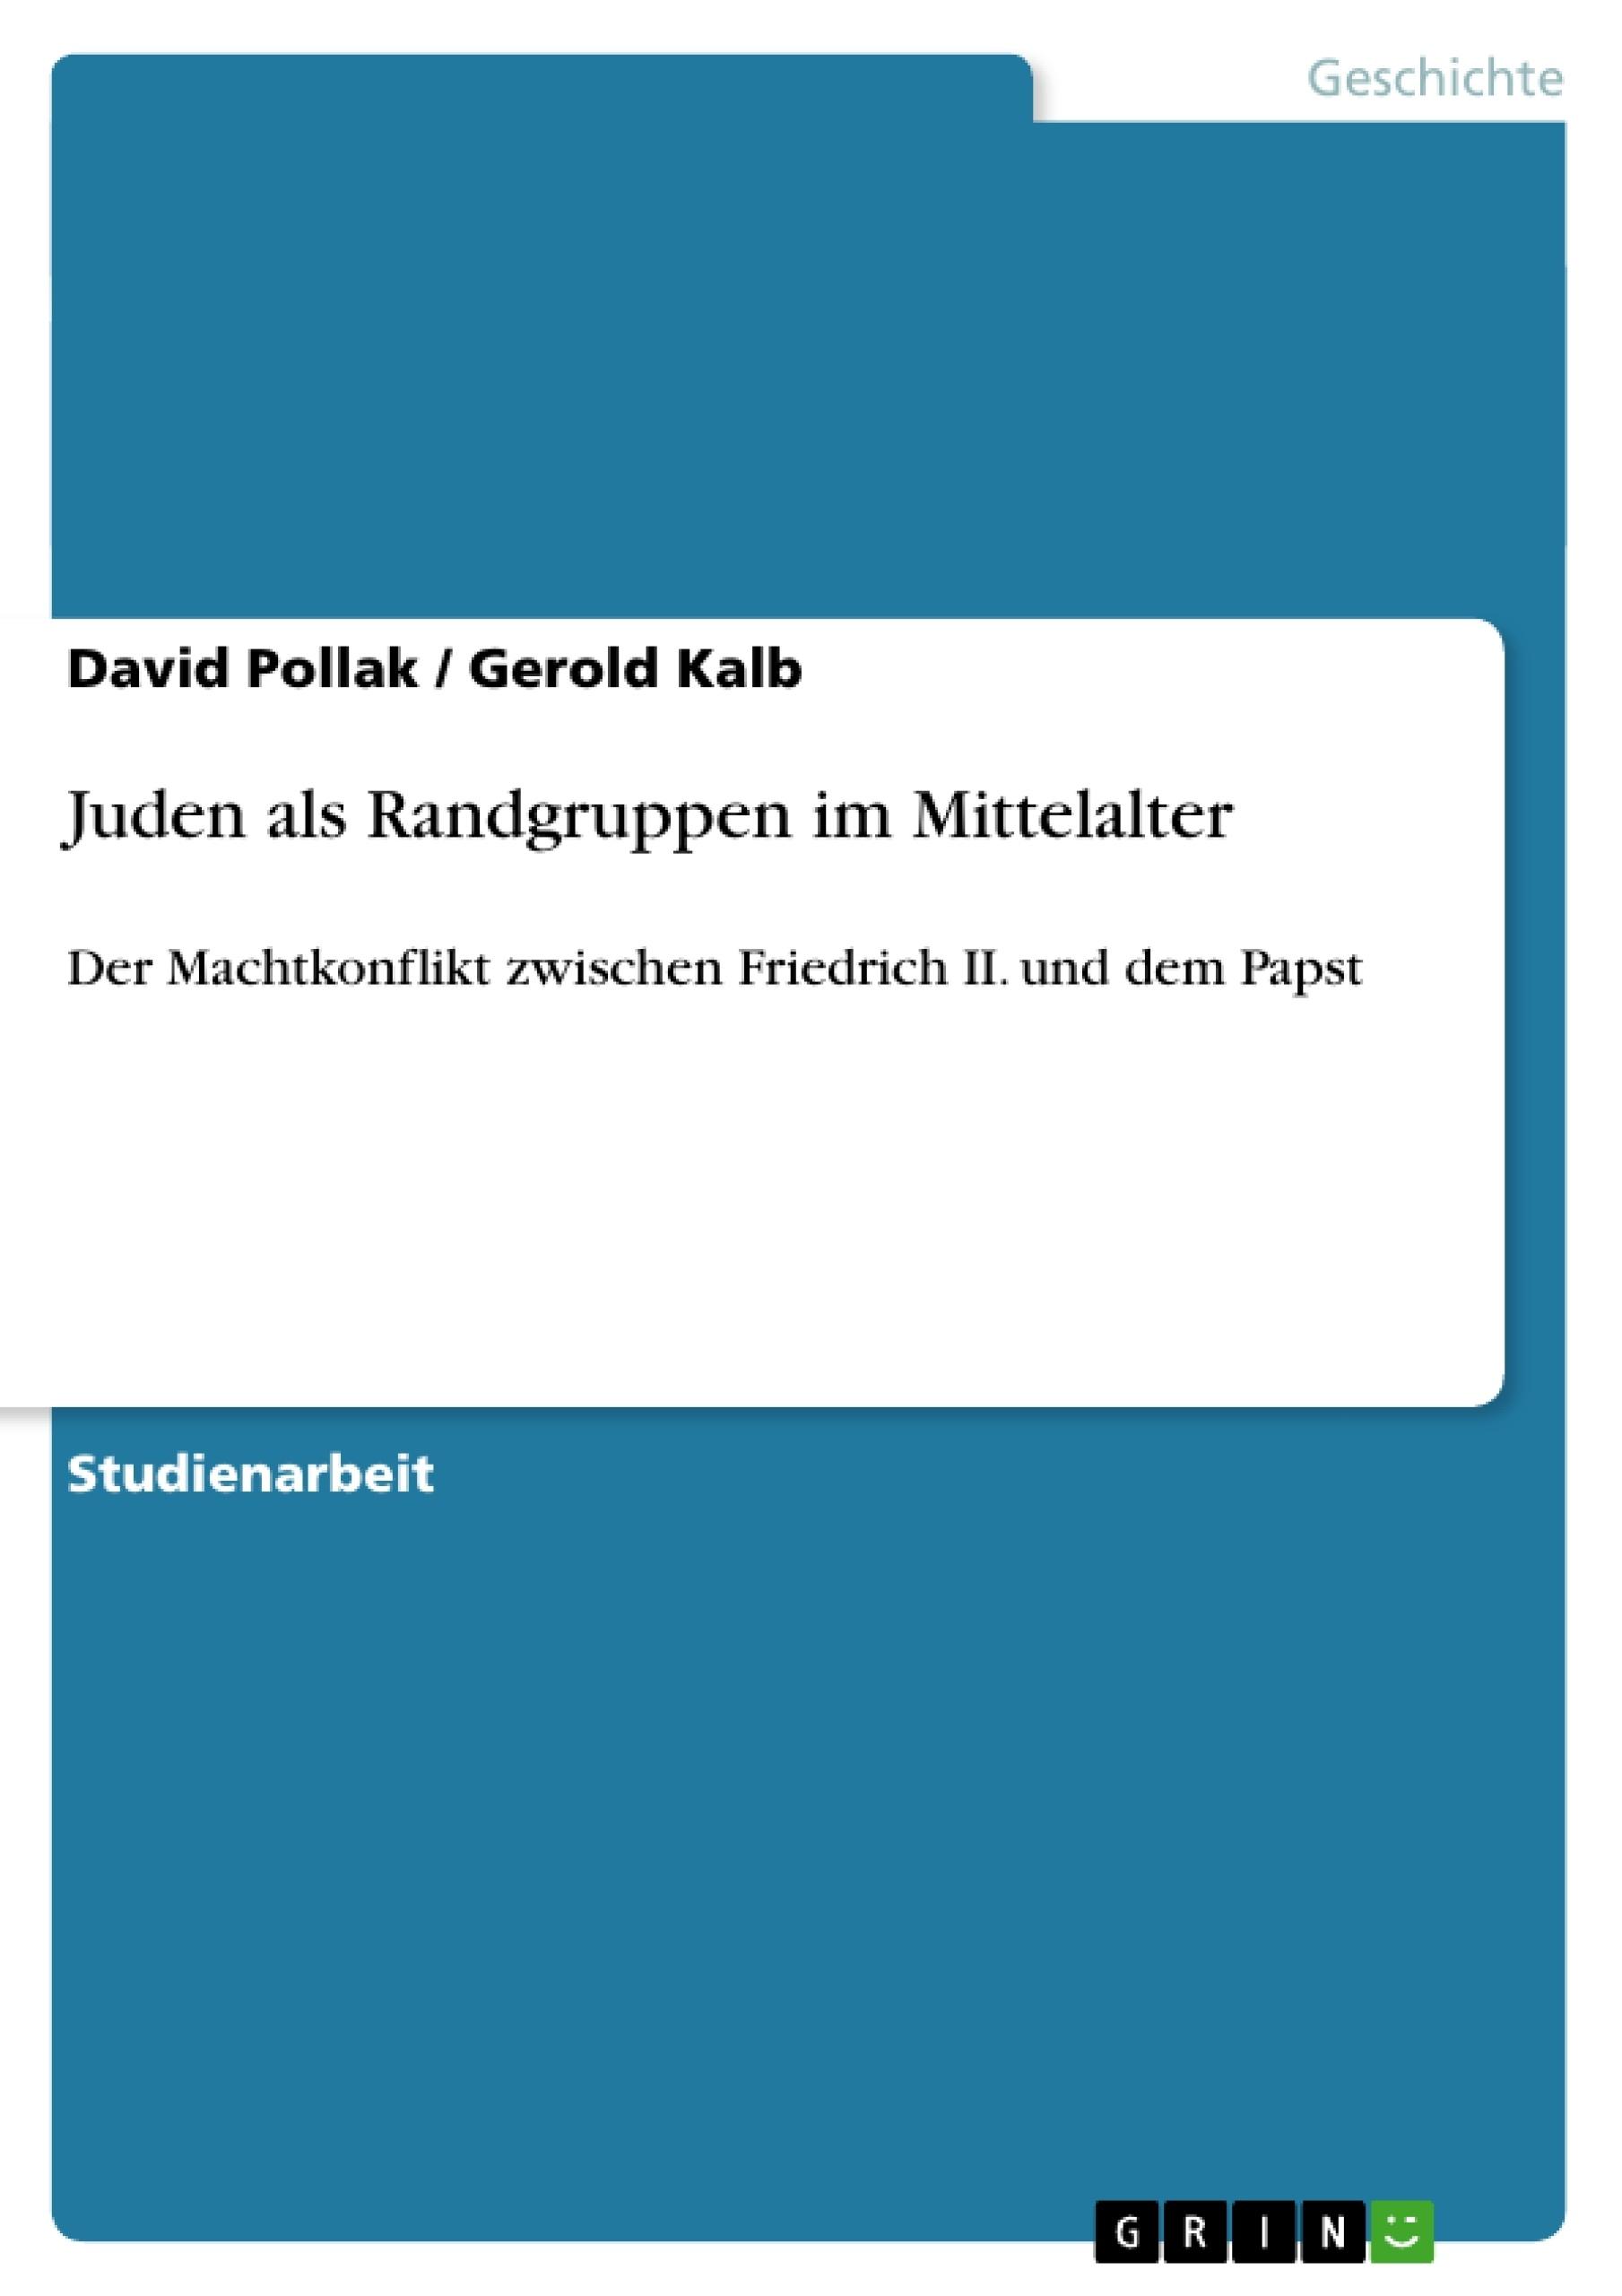 Titel: Juden als Randgruppen im Mittelalter